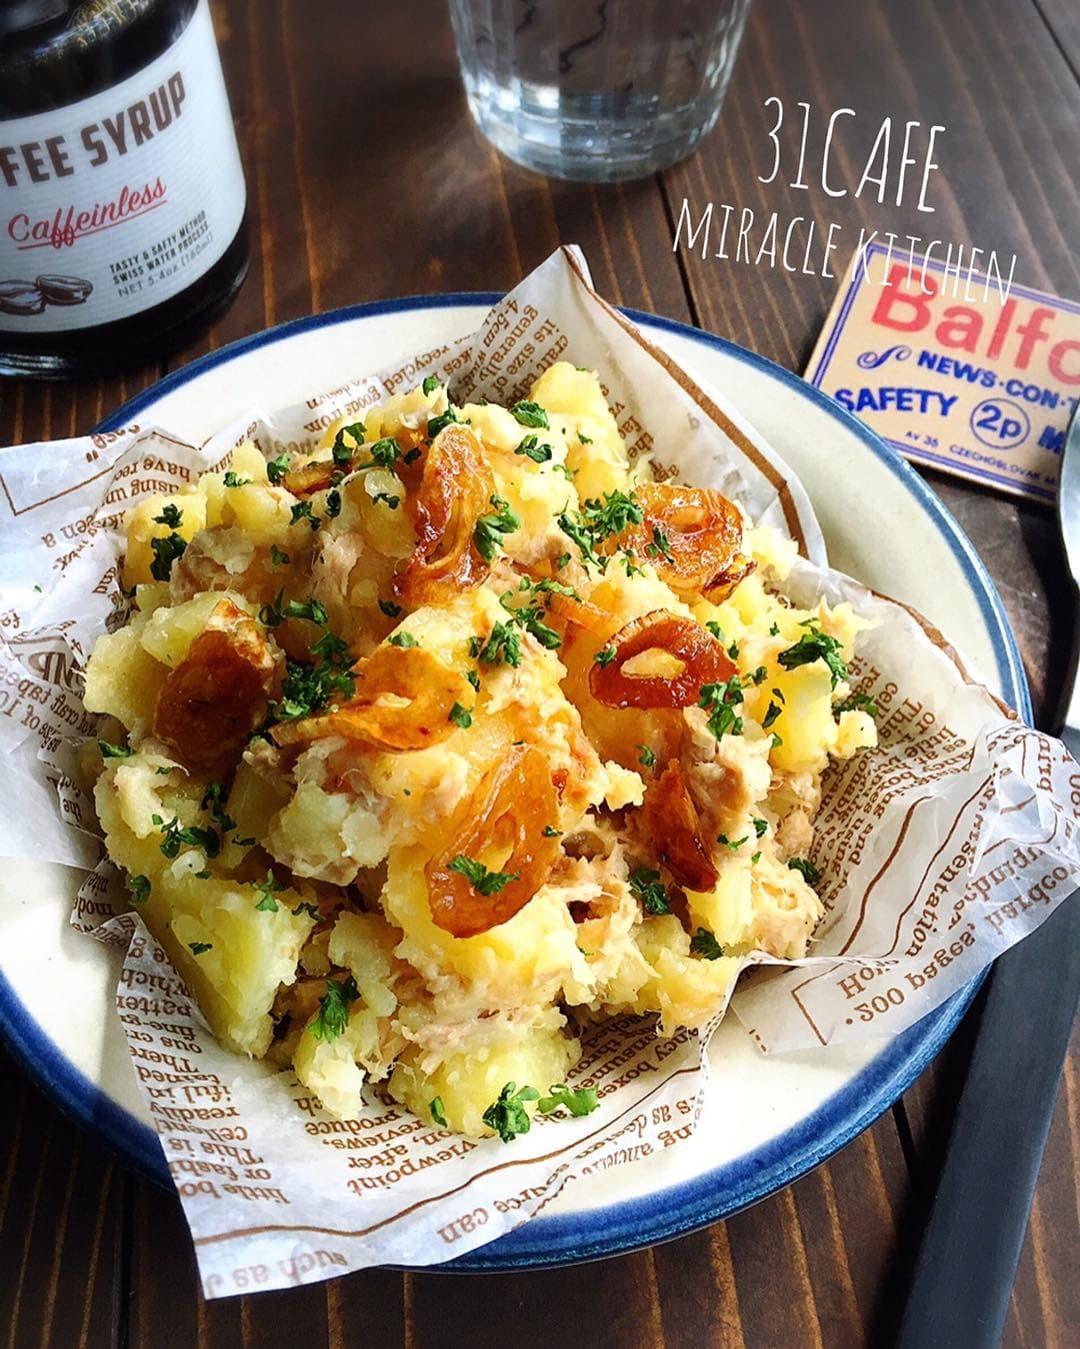 ポテト サラダ た 余っ 残り物「ポテトサラダ」を大量消費!簡単リメイクレシピ5選